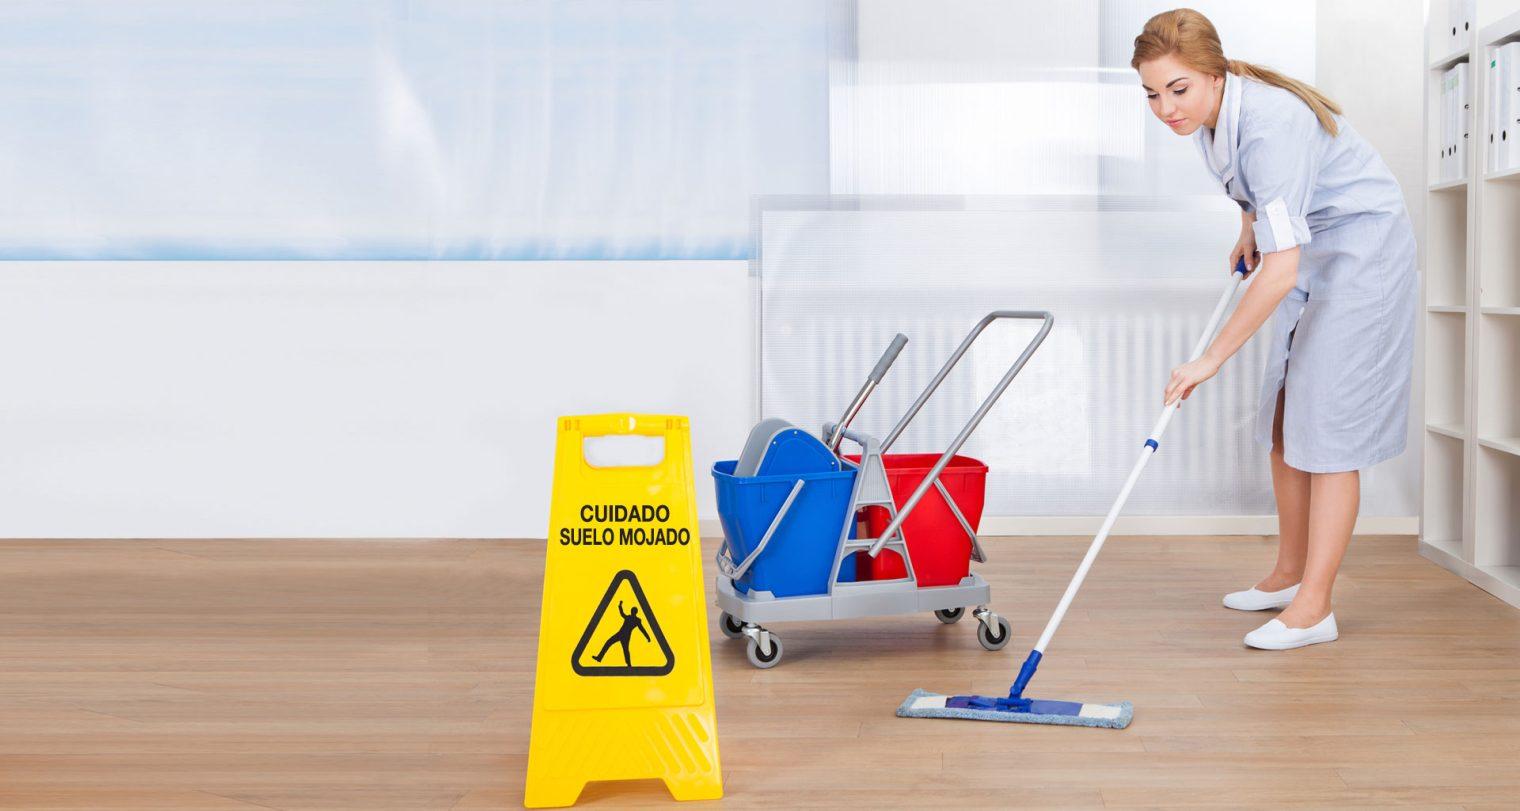 افضل شركة تنظيف في الامارات